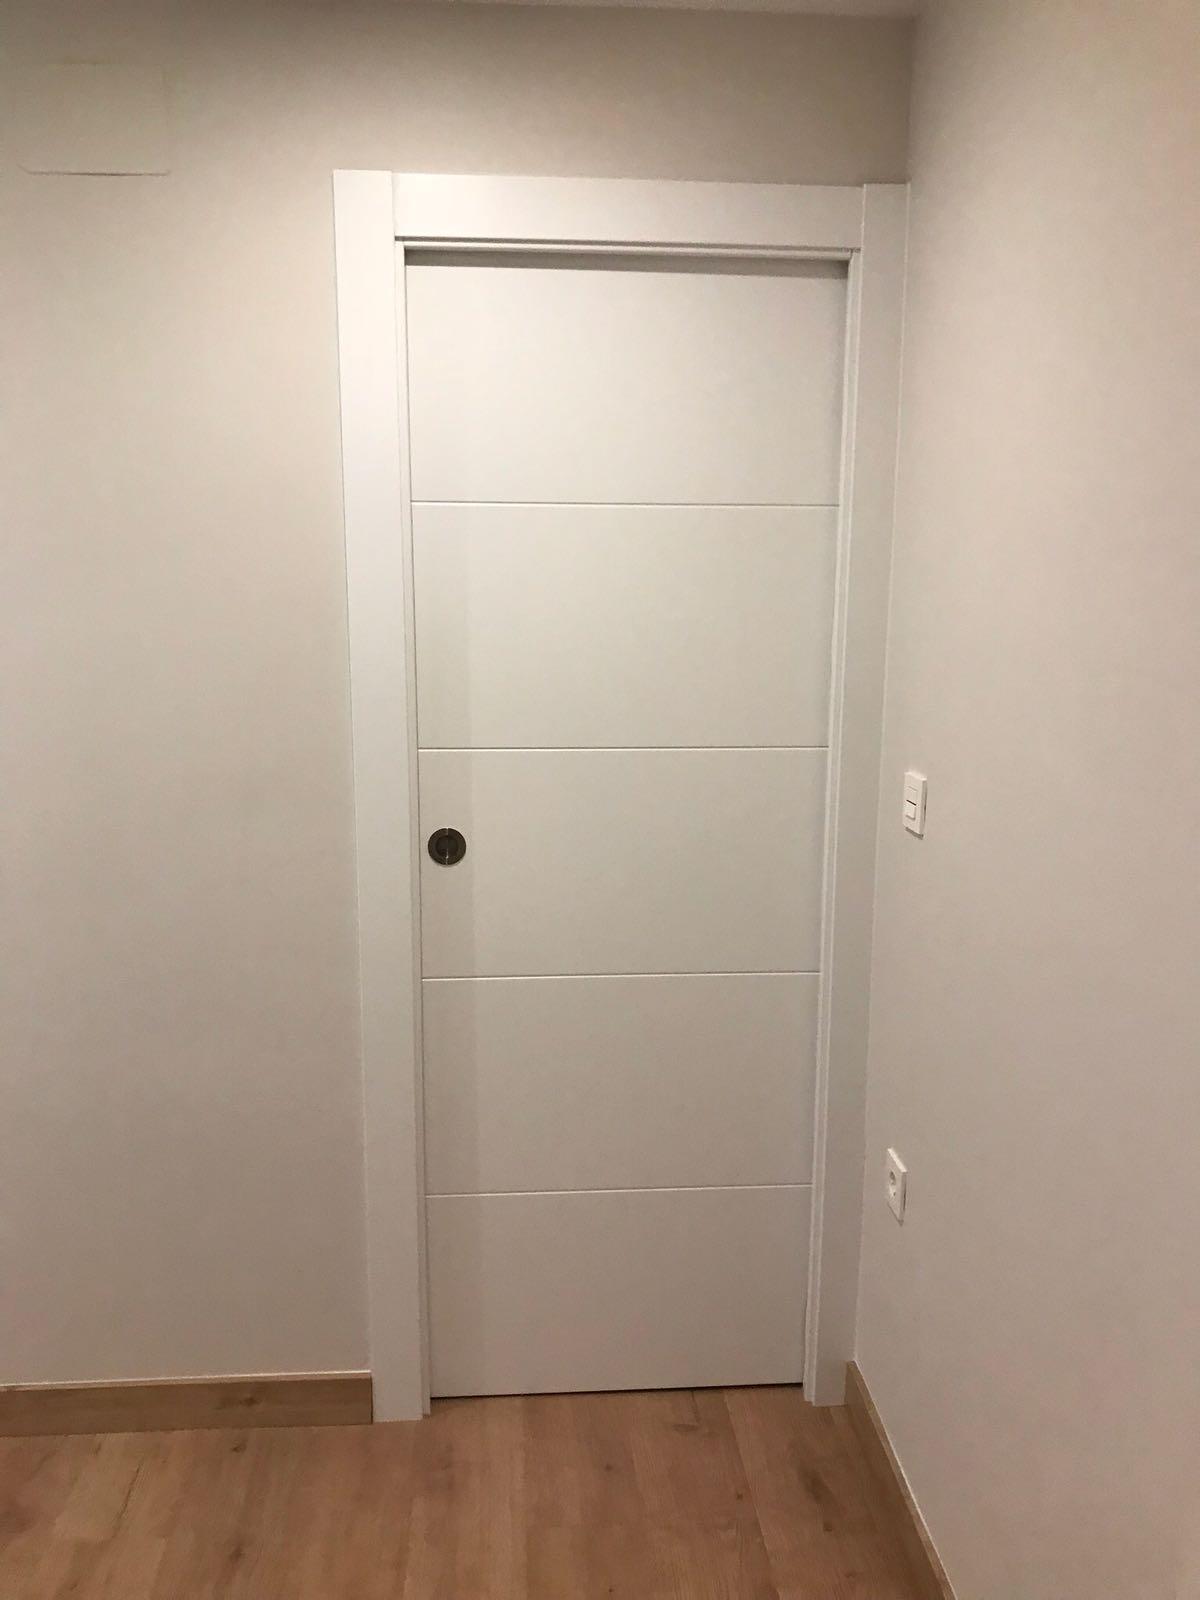 Puertas Lacadas Blancas Fotos. Las Rozas V Uac Puerta Moderna Lacada ...